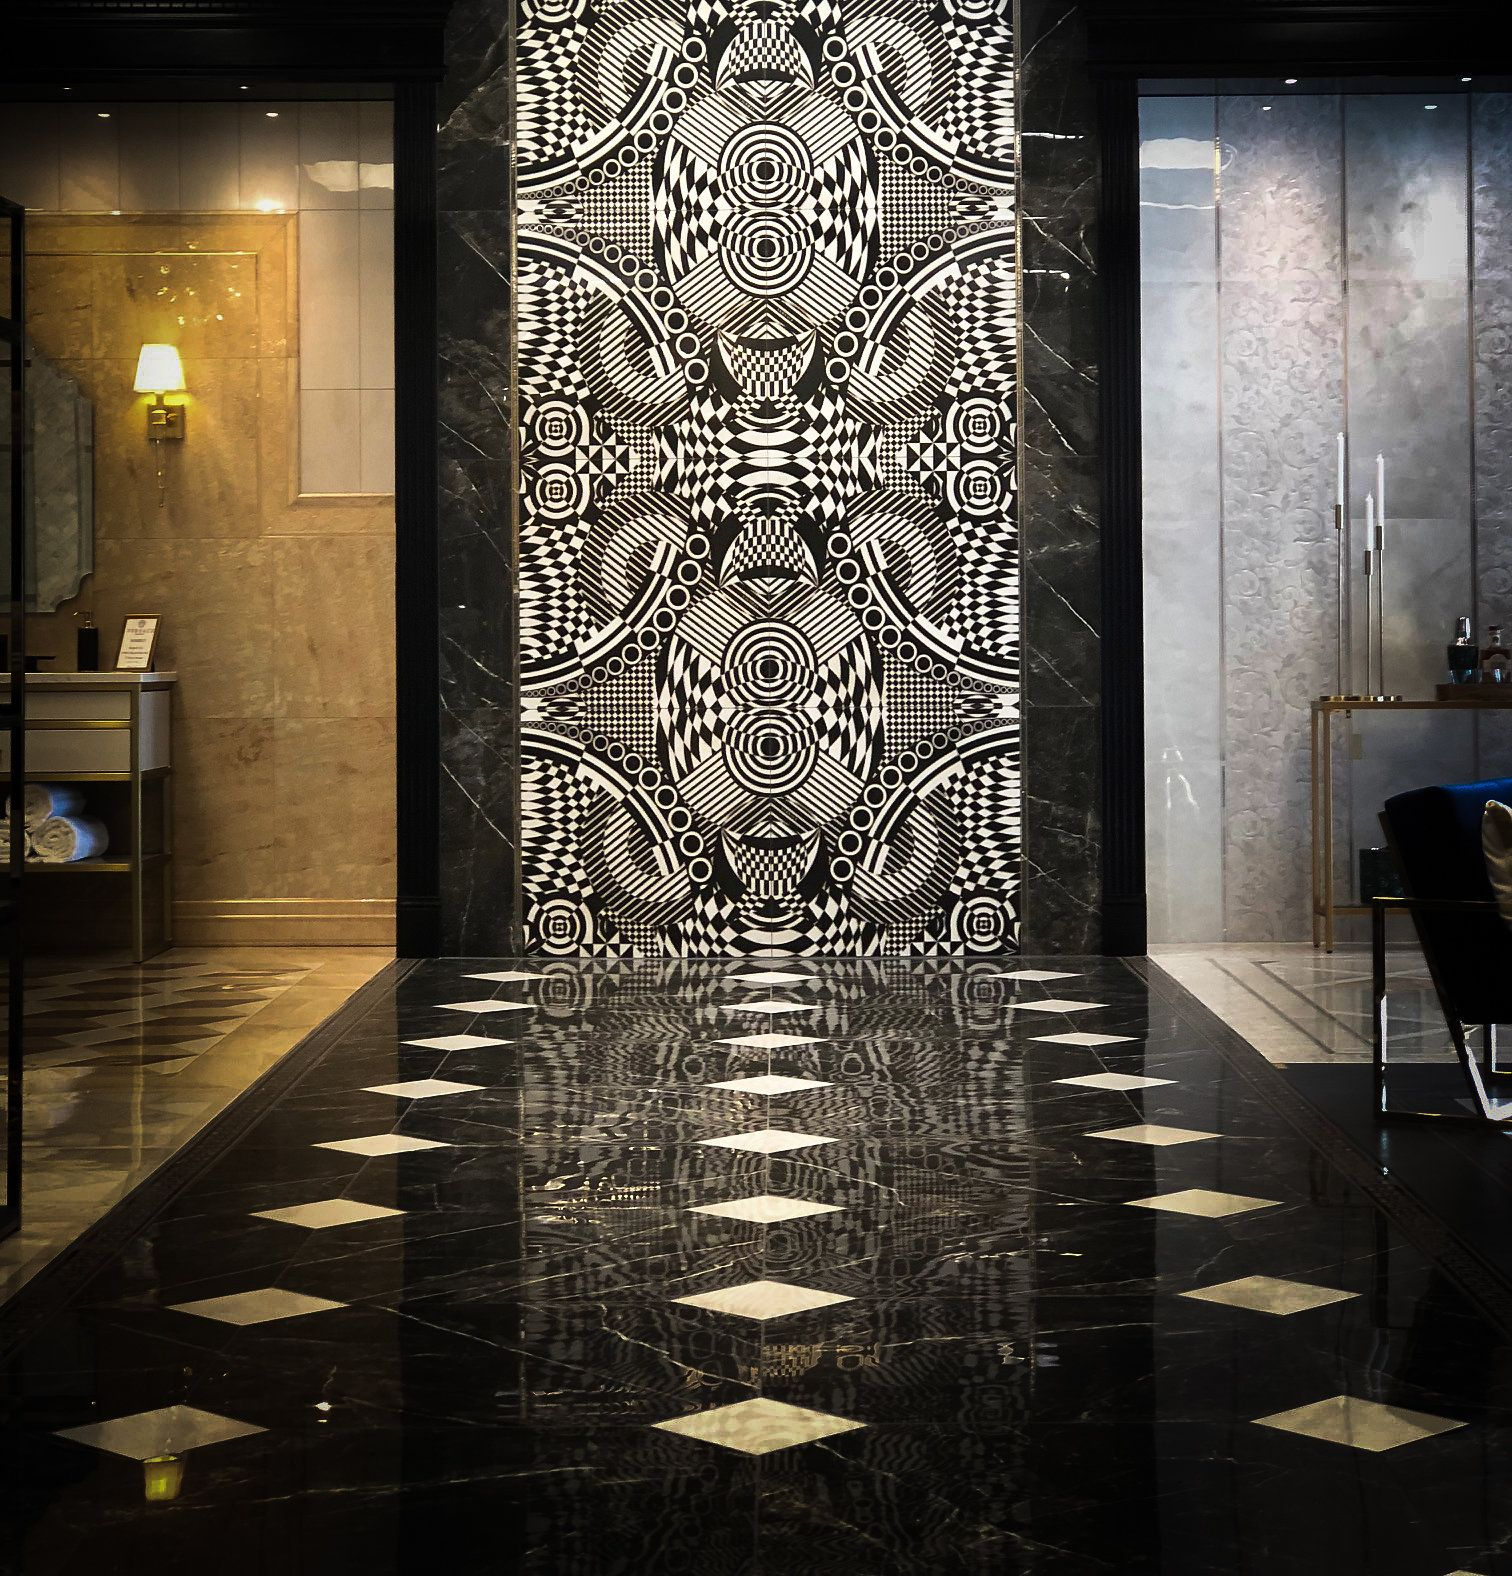 versace collection at wayne tile art